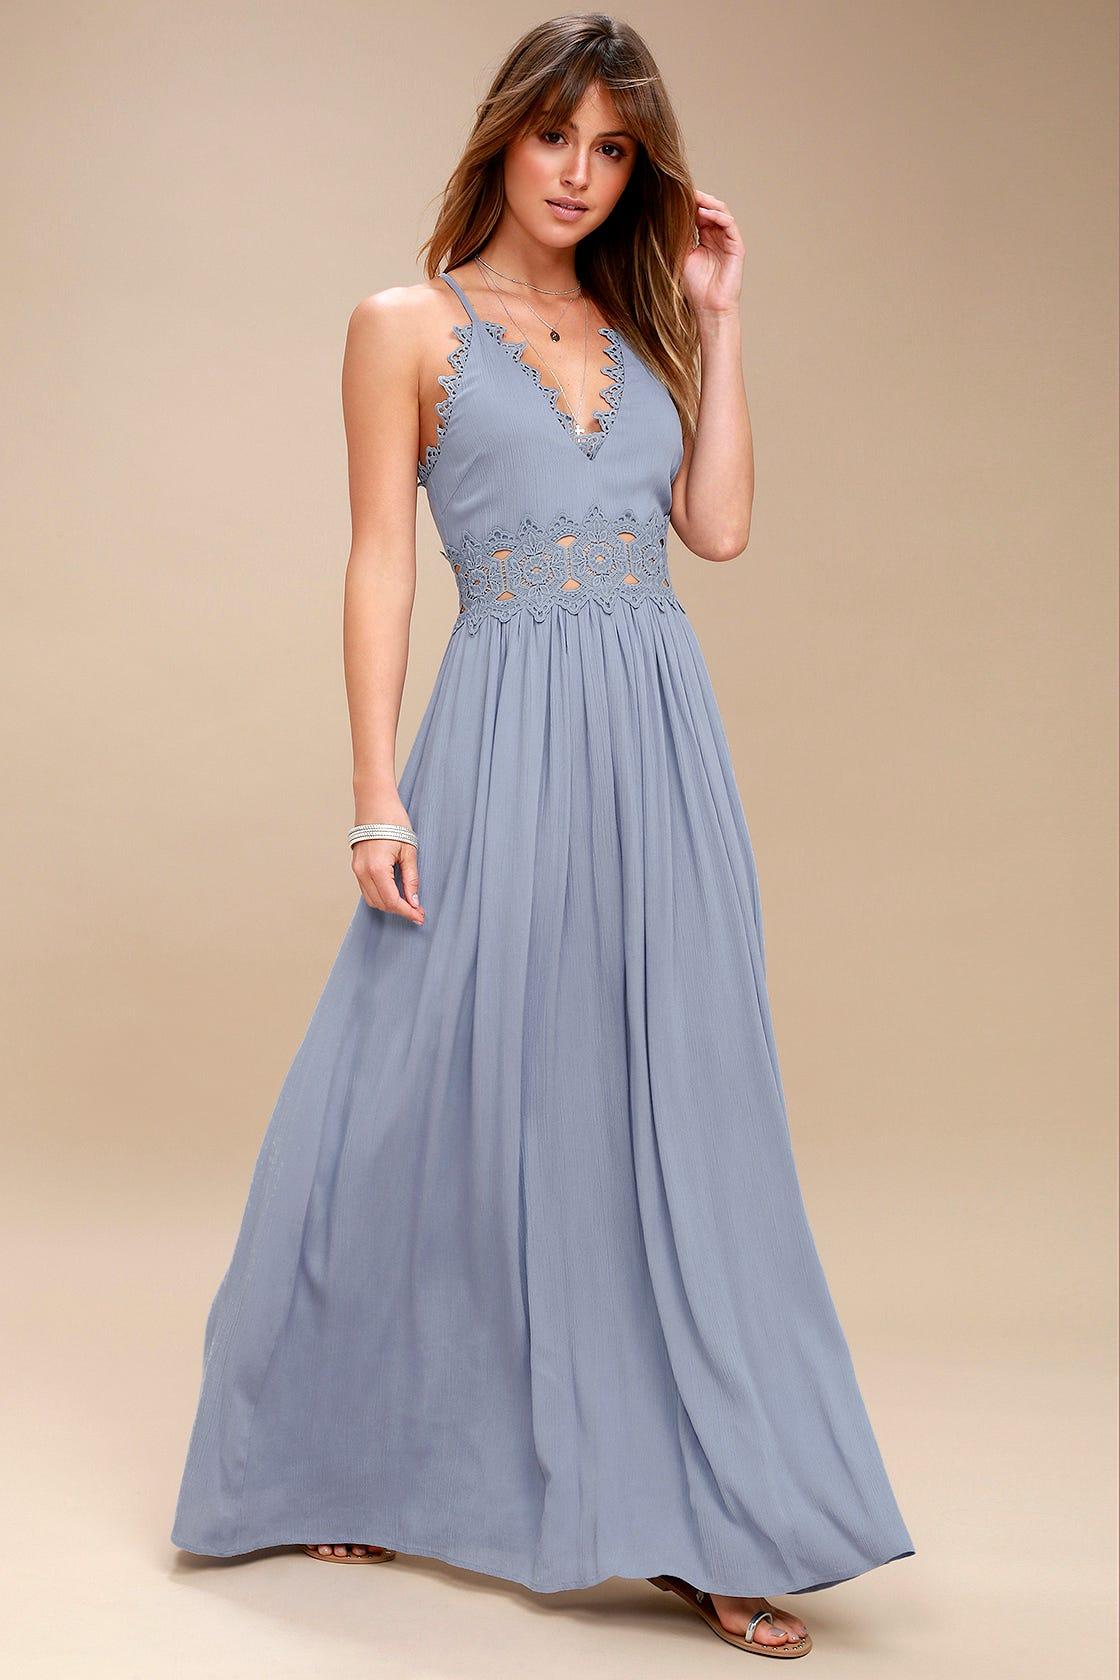 2747e3b0e2 Fashionable